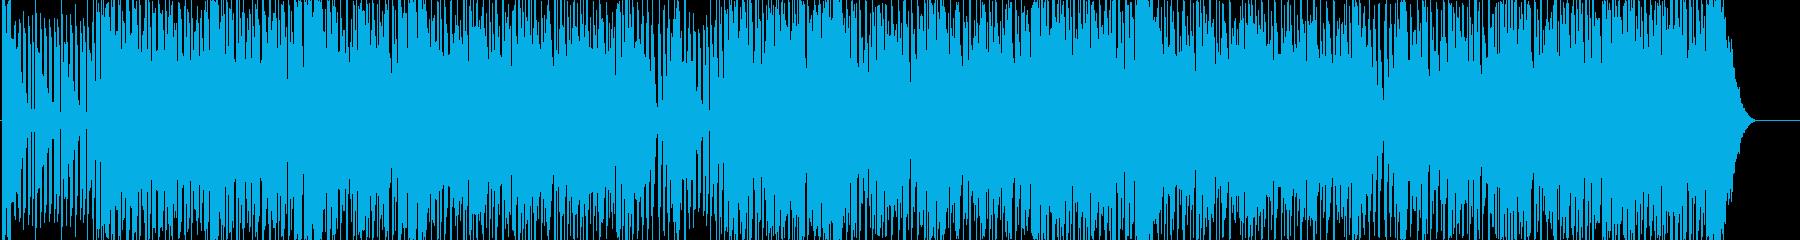 エキゾチックでノリノリなユーロビートの再生済みの波形